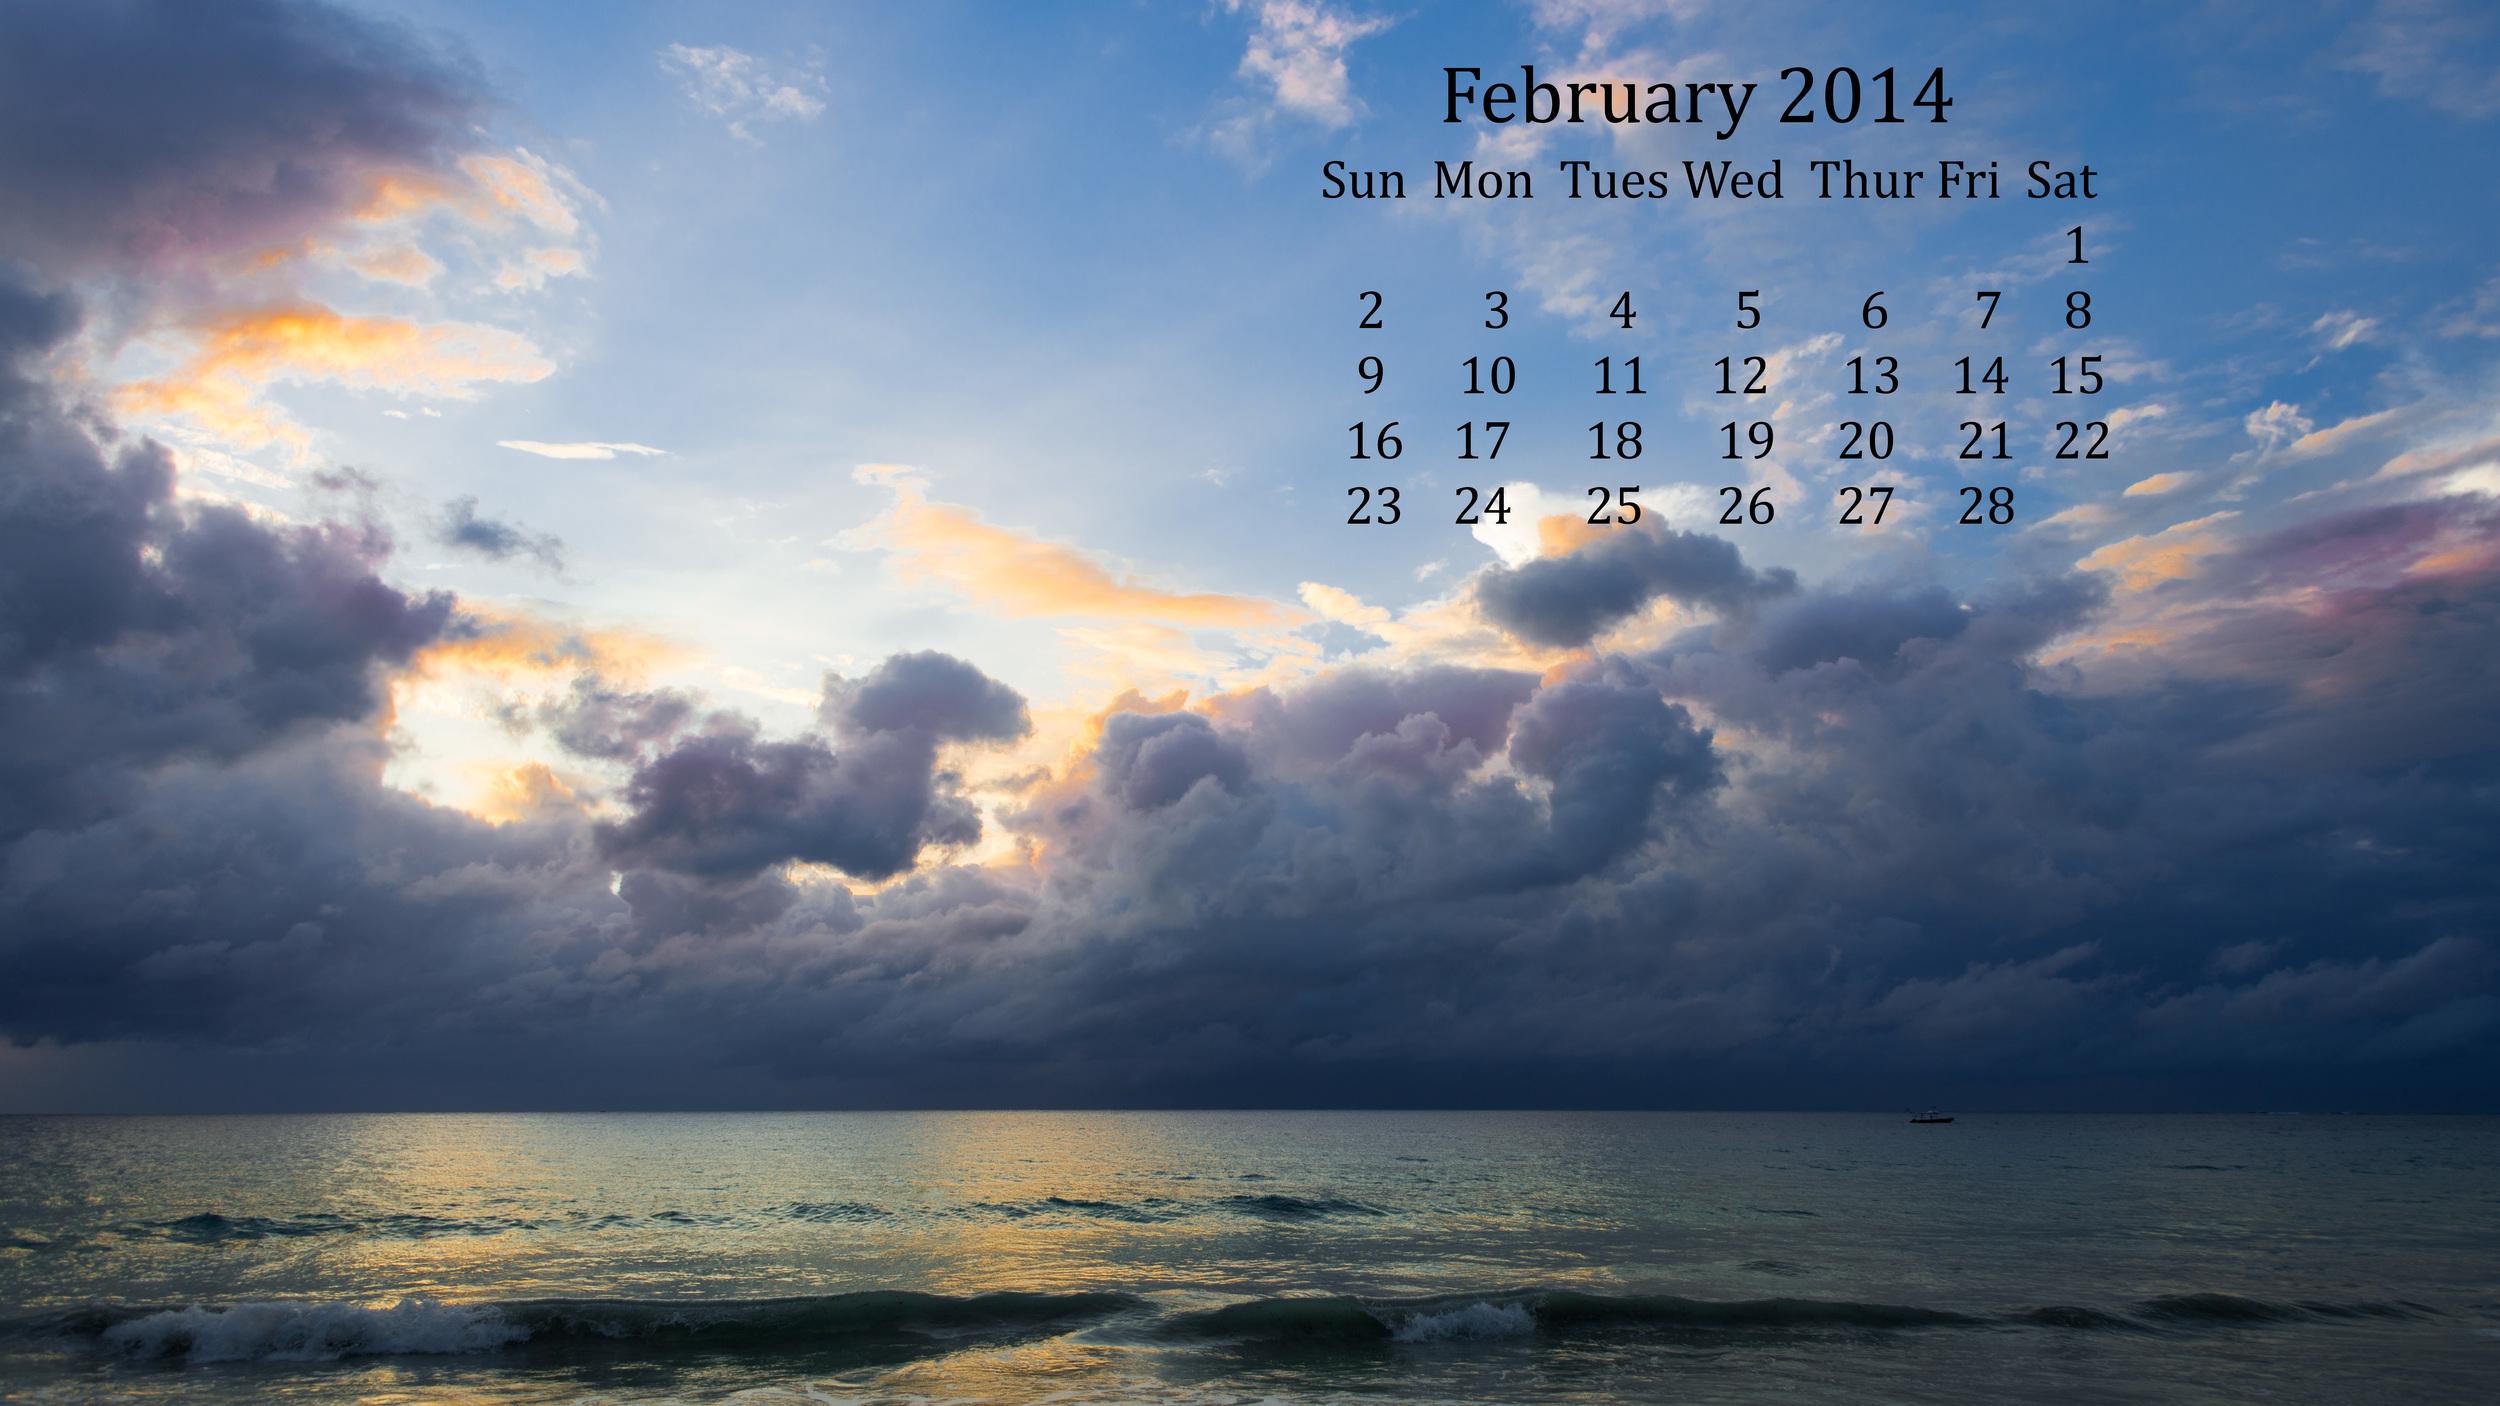 February 2014 Calendar (1 of 1).jpg